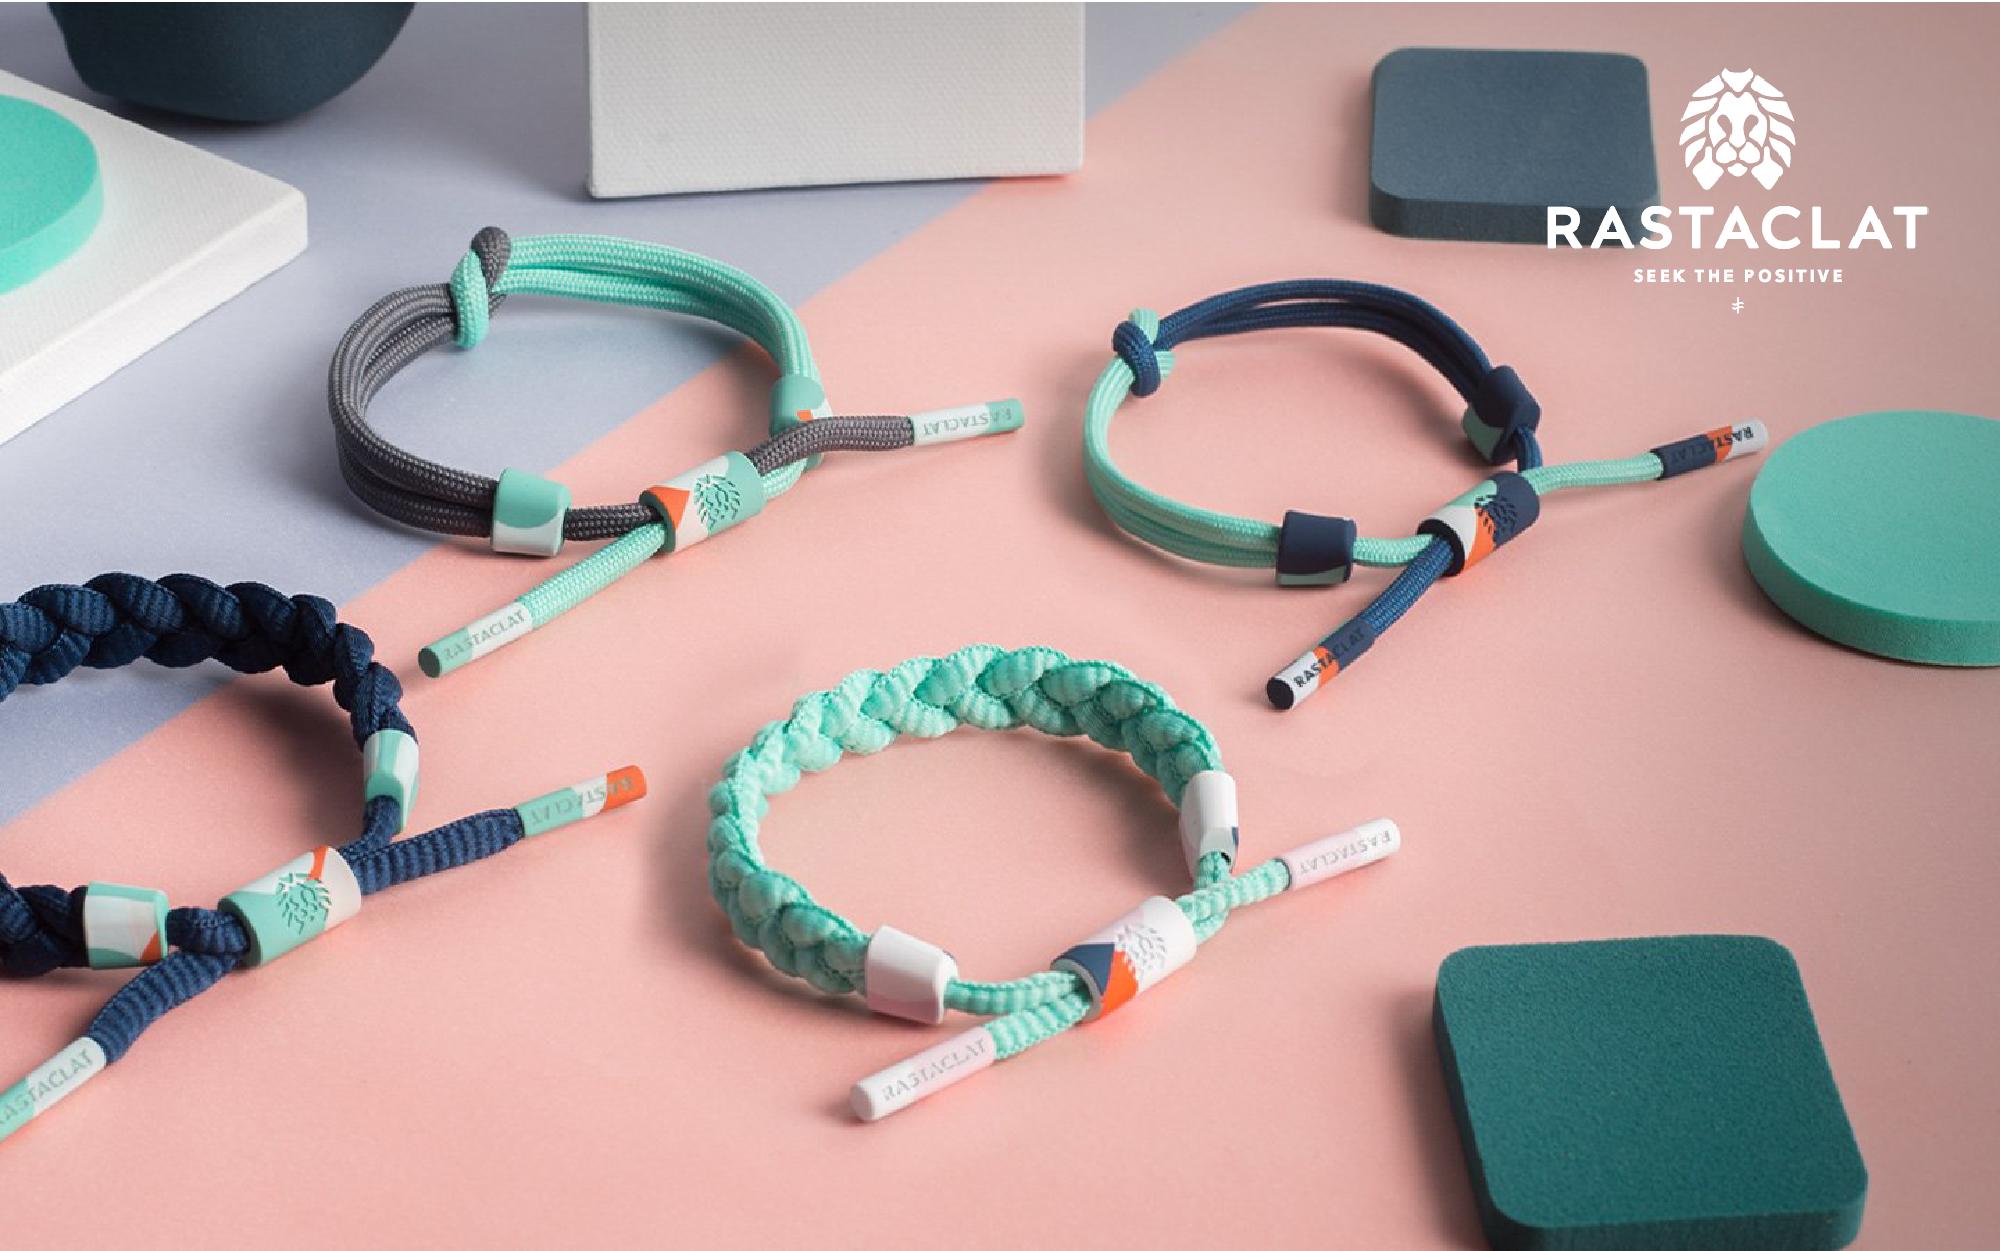 Rastaclat 雷獅特手環新品上市